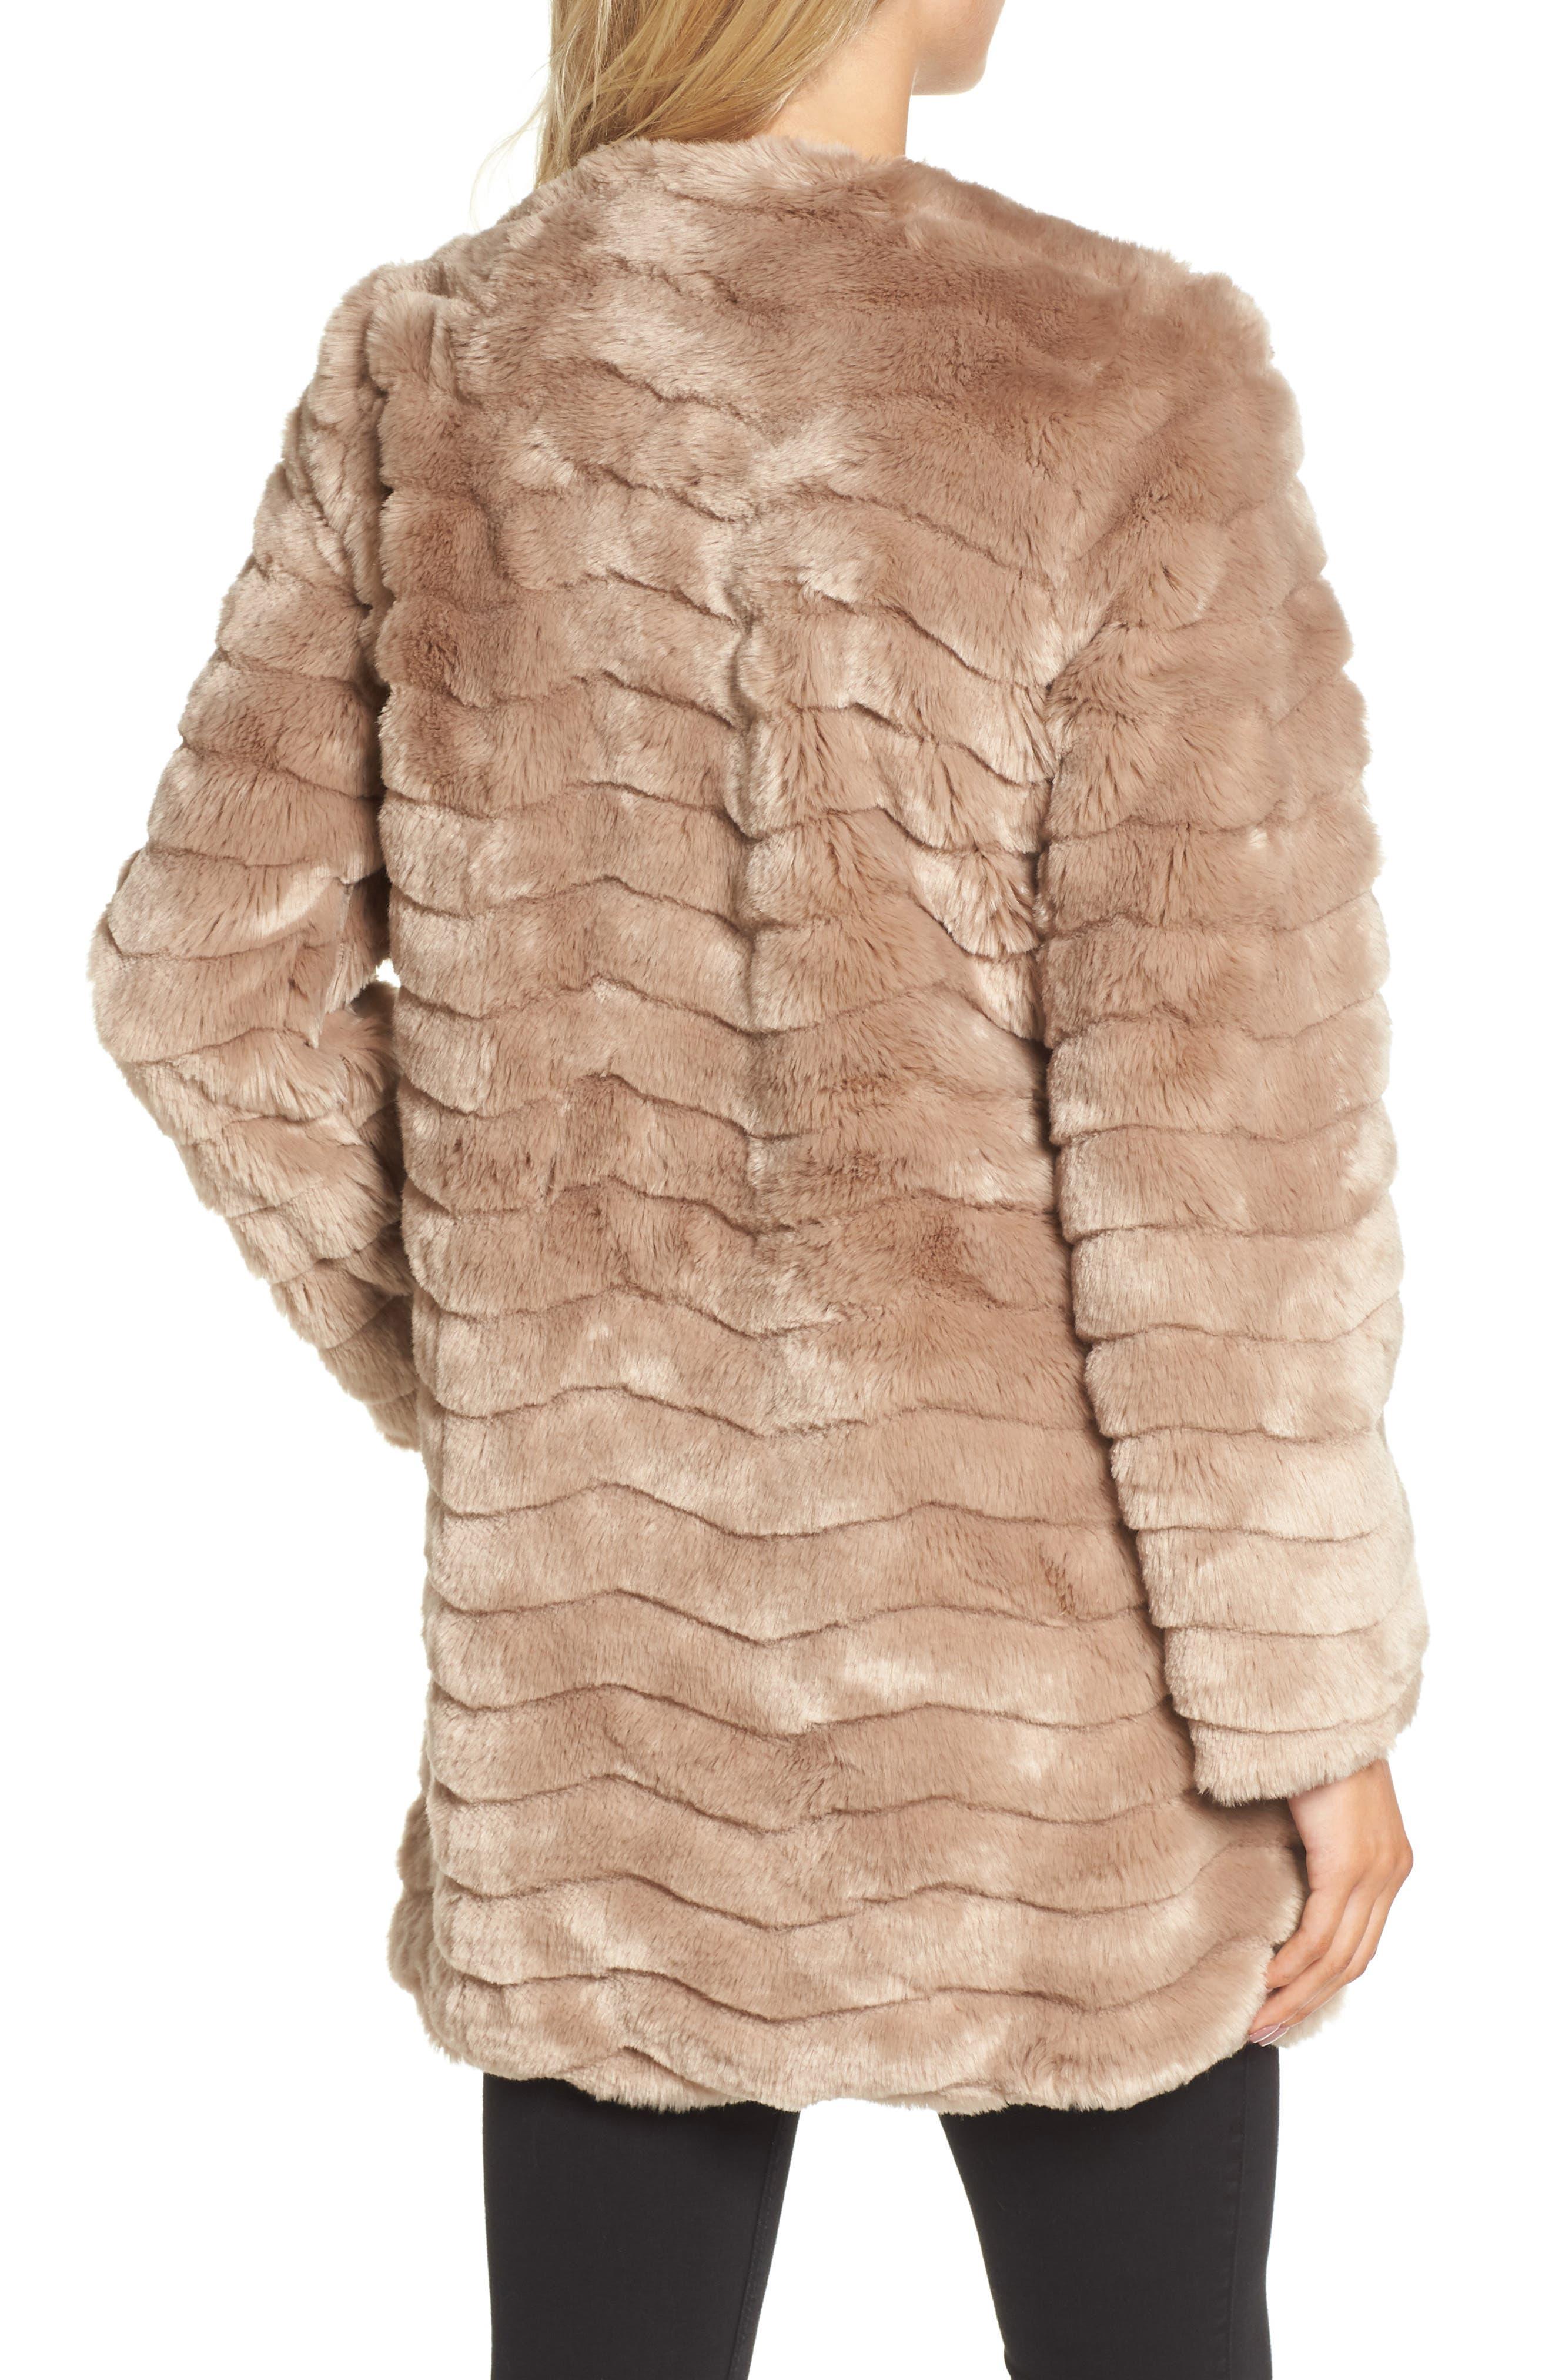 McCoy Faux Fur Coat,                             Alternate thumbnail 2, color,                             Camel